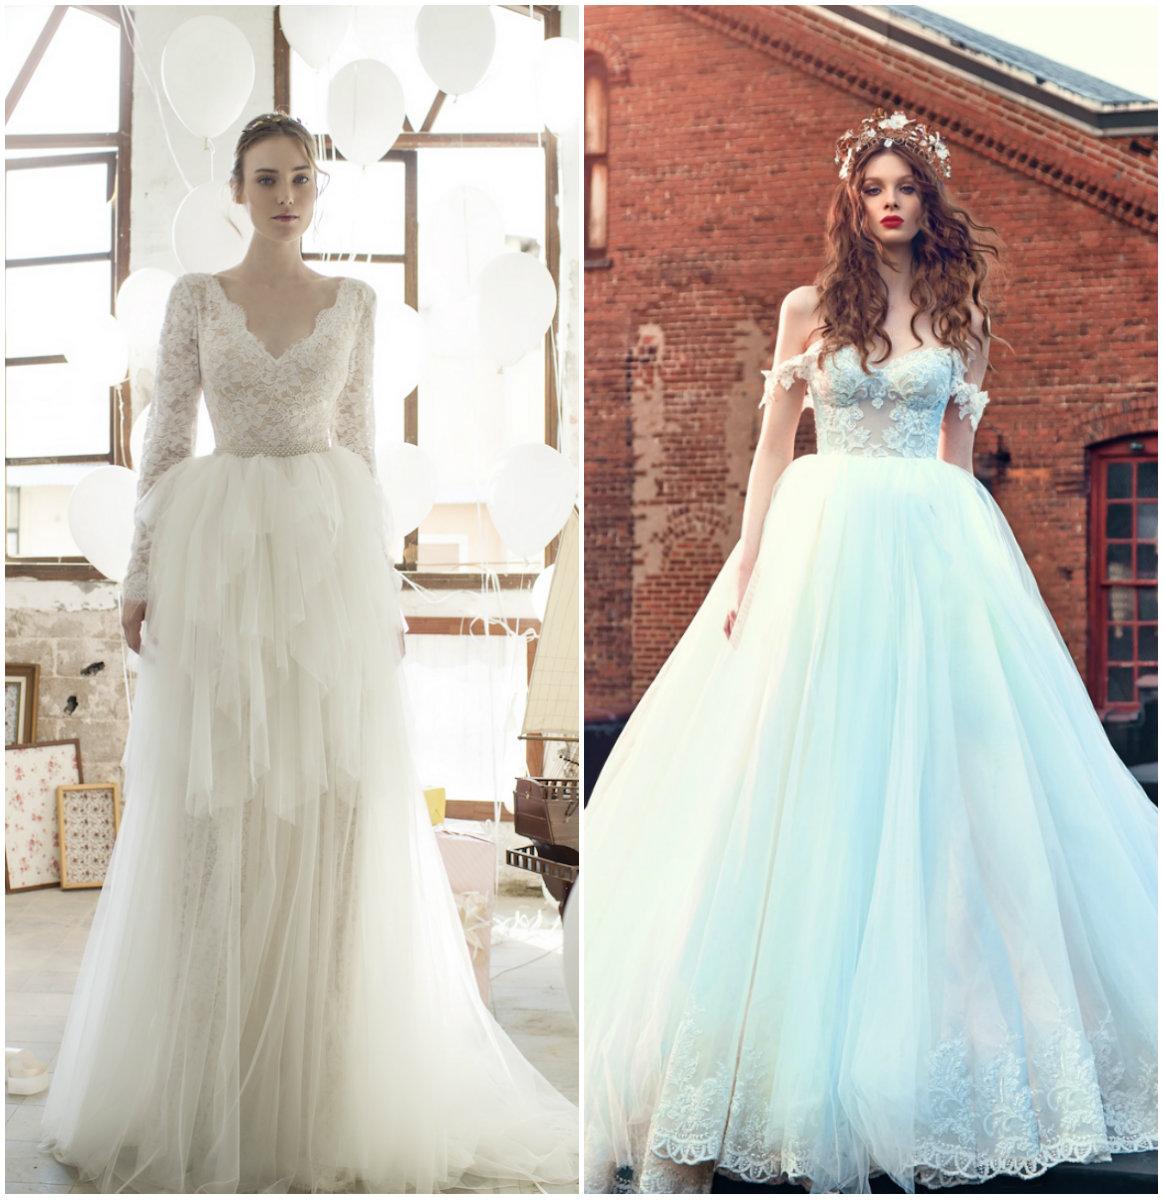 Верх свадебного платья из фатина